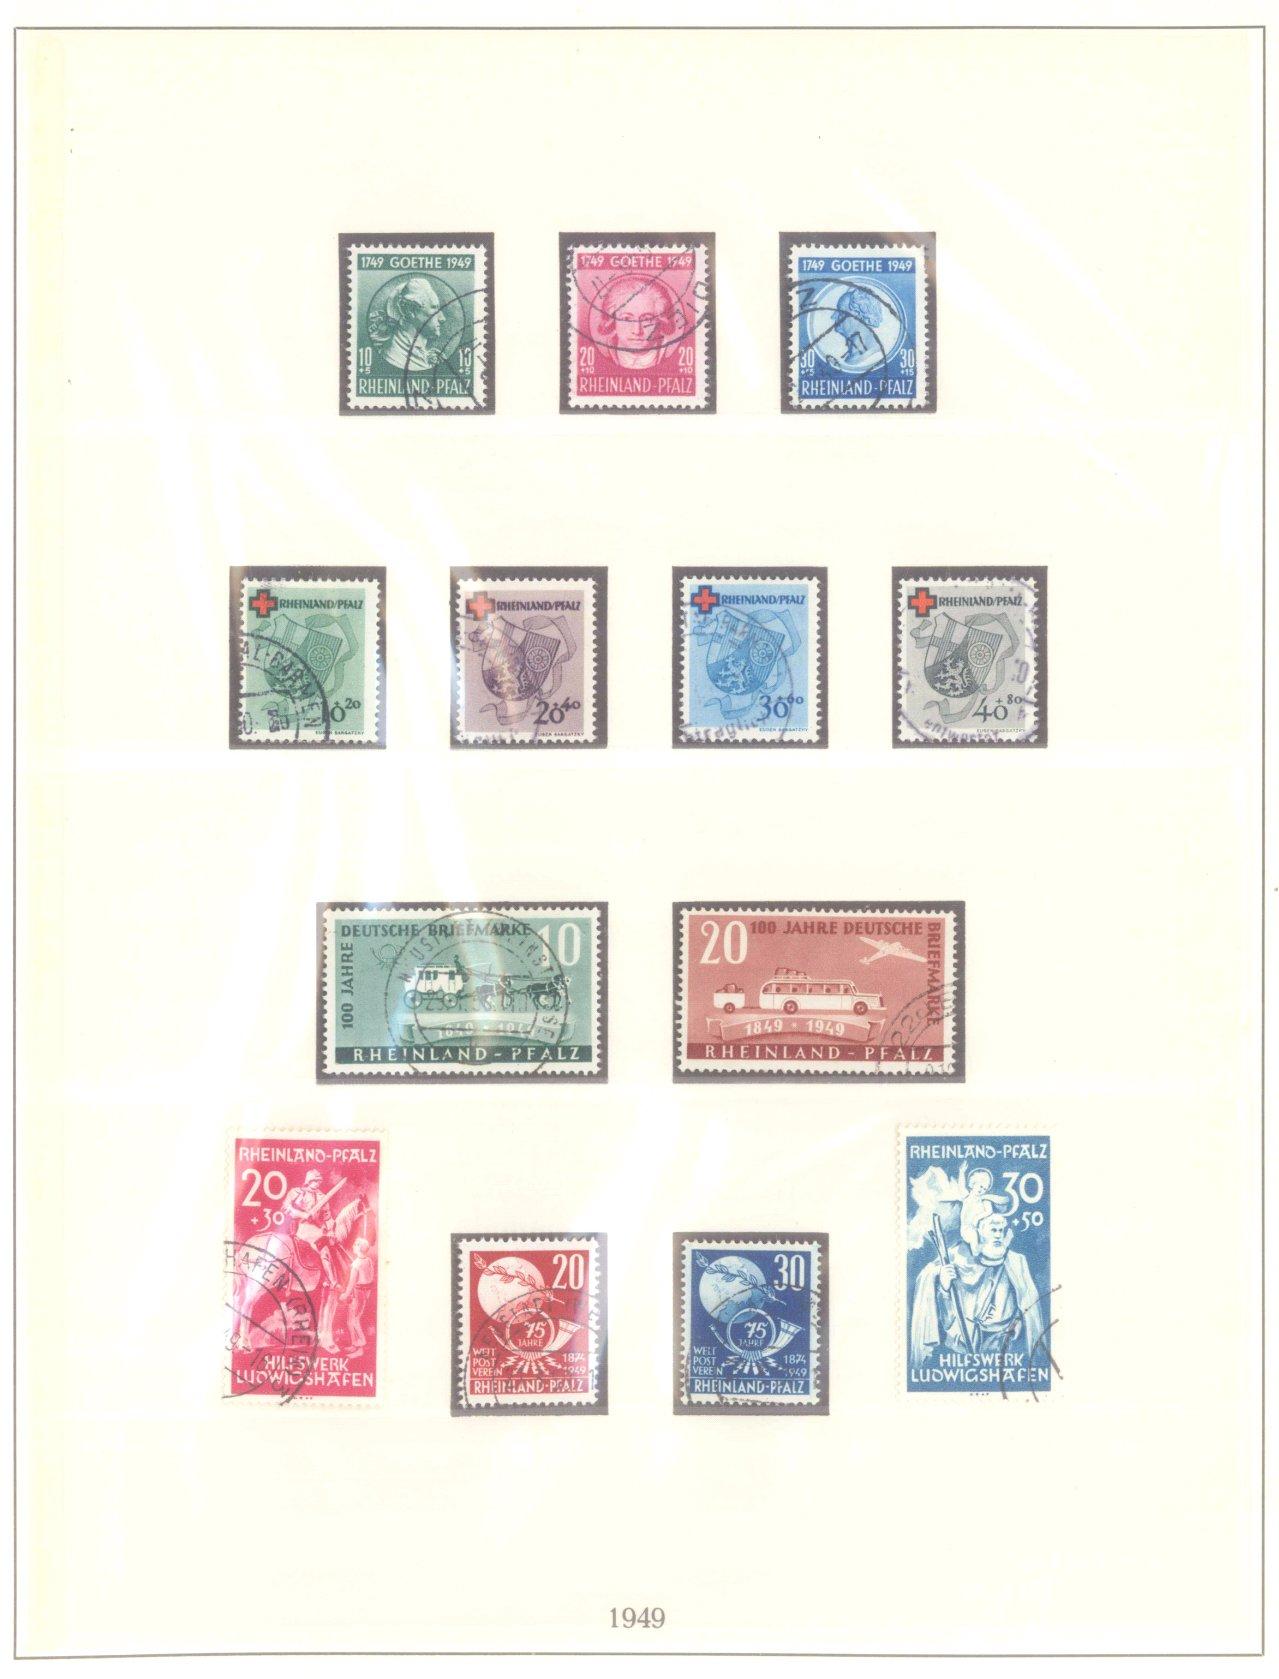 FRANZÖSISCHE ZONE RHEIN-PFALZ 1948/49, 5 komplette Ausgaben